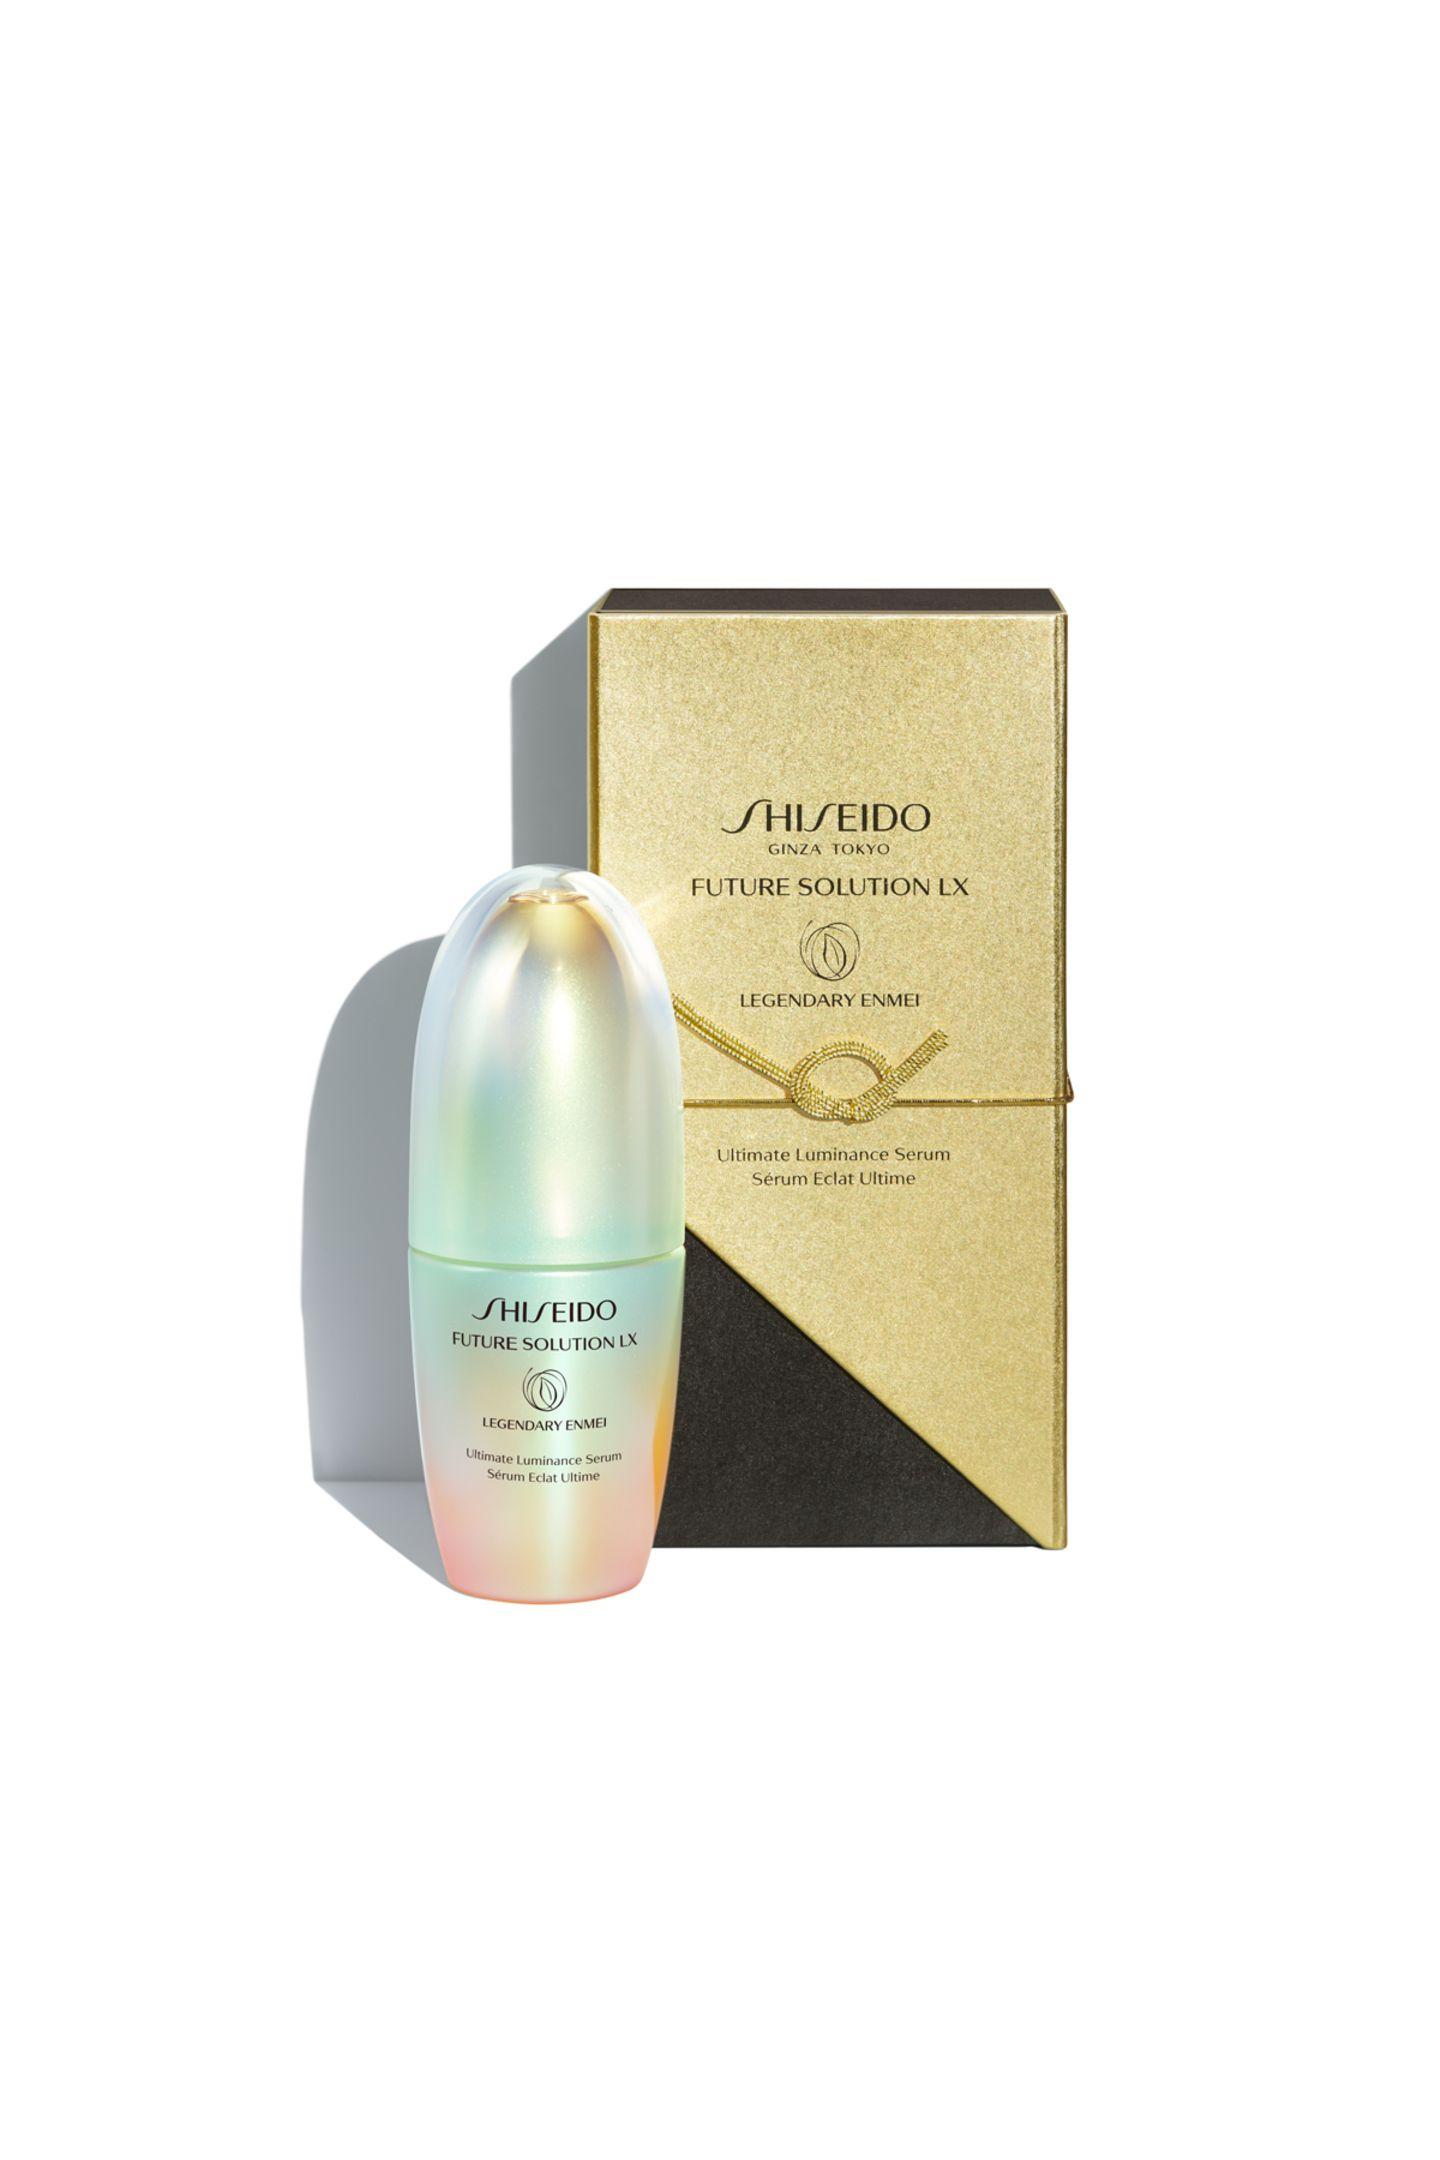 """Luxus pur für ihre Haut: Das """"Future Solution LX Legendary Enmei Ultimate Luminance Serum"""" von Shiseido verwöhnt ihre Haut mit der mystischen Lebenskraft des legendären Enmei Herb und der unvergleichlichen Ausstrahlung von Green Treasured Silk. Das Serum steigert die Leuchtkraft ihrer Haut und kann für ein jüngeres Aussehen und Hautgefühl sorgen. Ca. 450 Euro."""